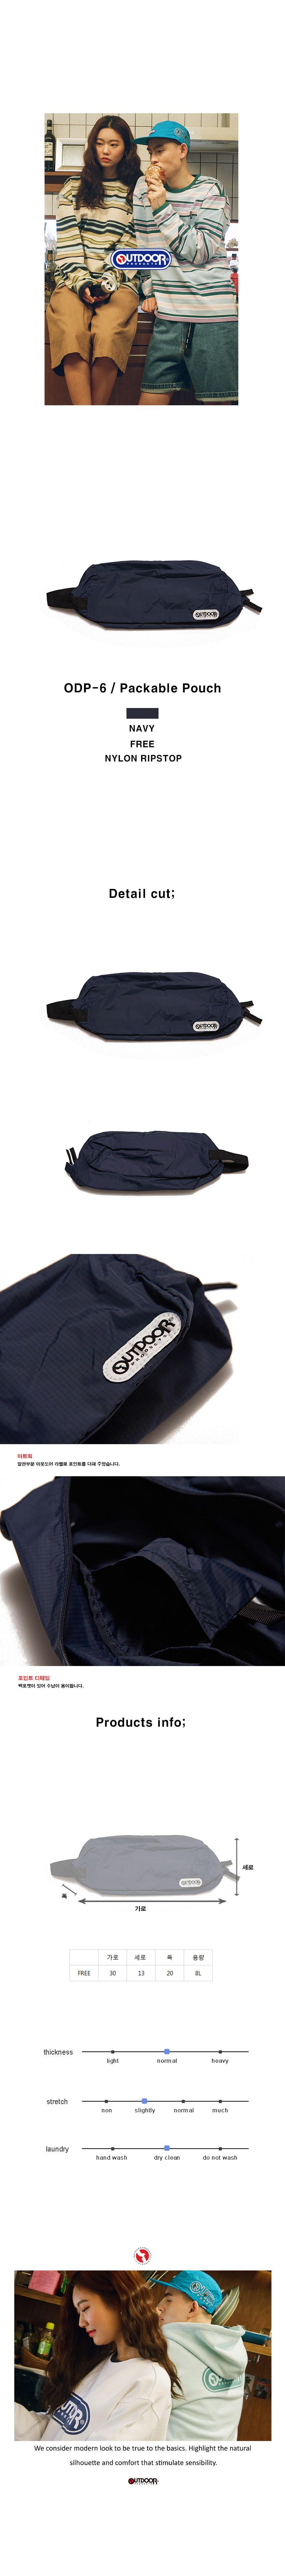 아웃도어 프로덕츠(OUTDOOR PRODUCTS) ODP-6 / Packable Pouch 19SP